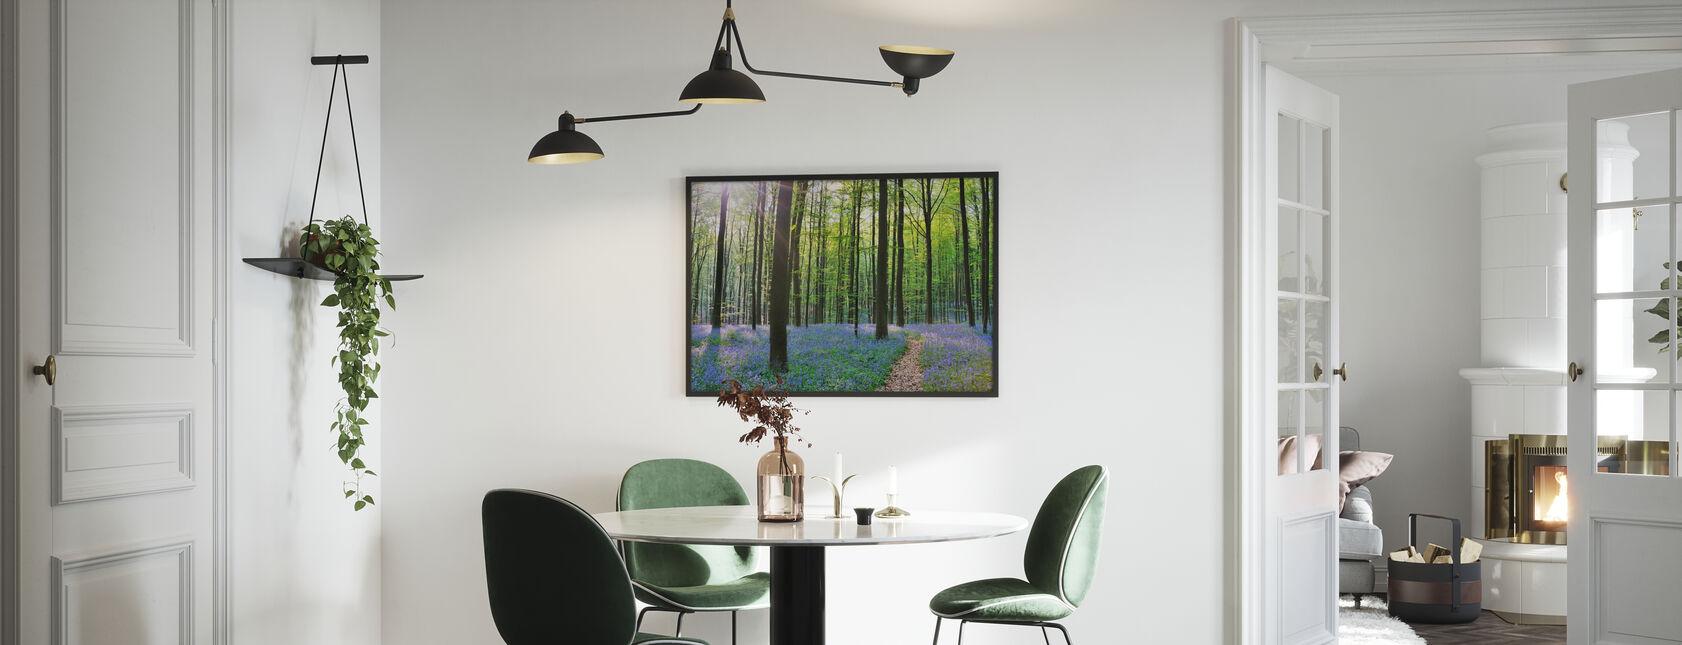 Pfad durch Bluebells Forest - Poster - Küchen